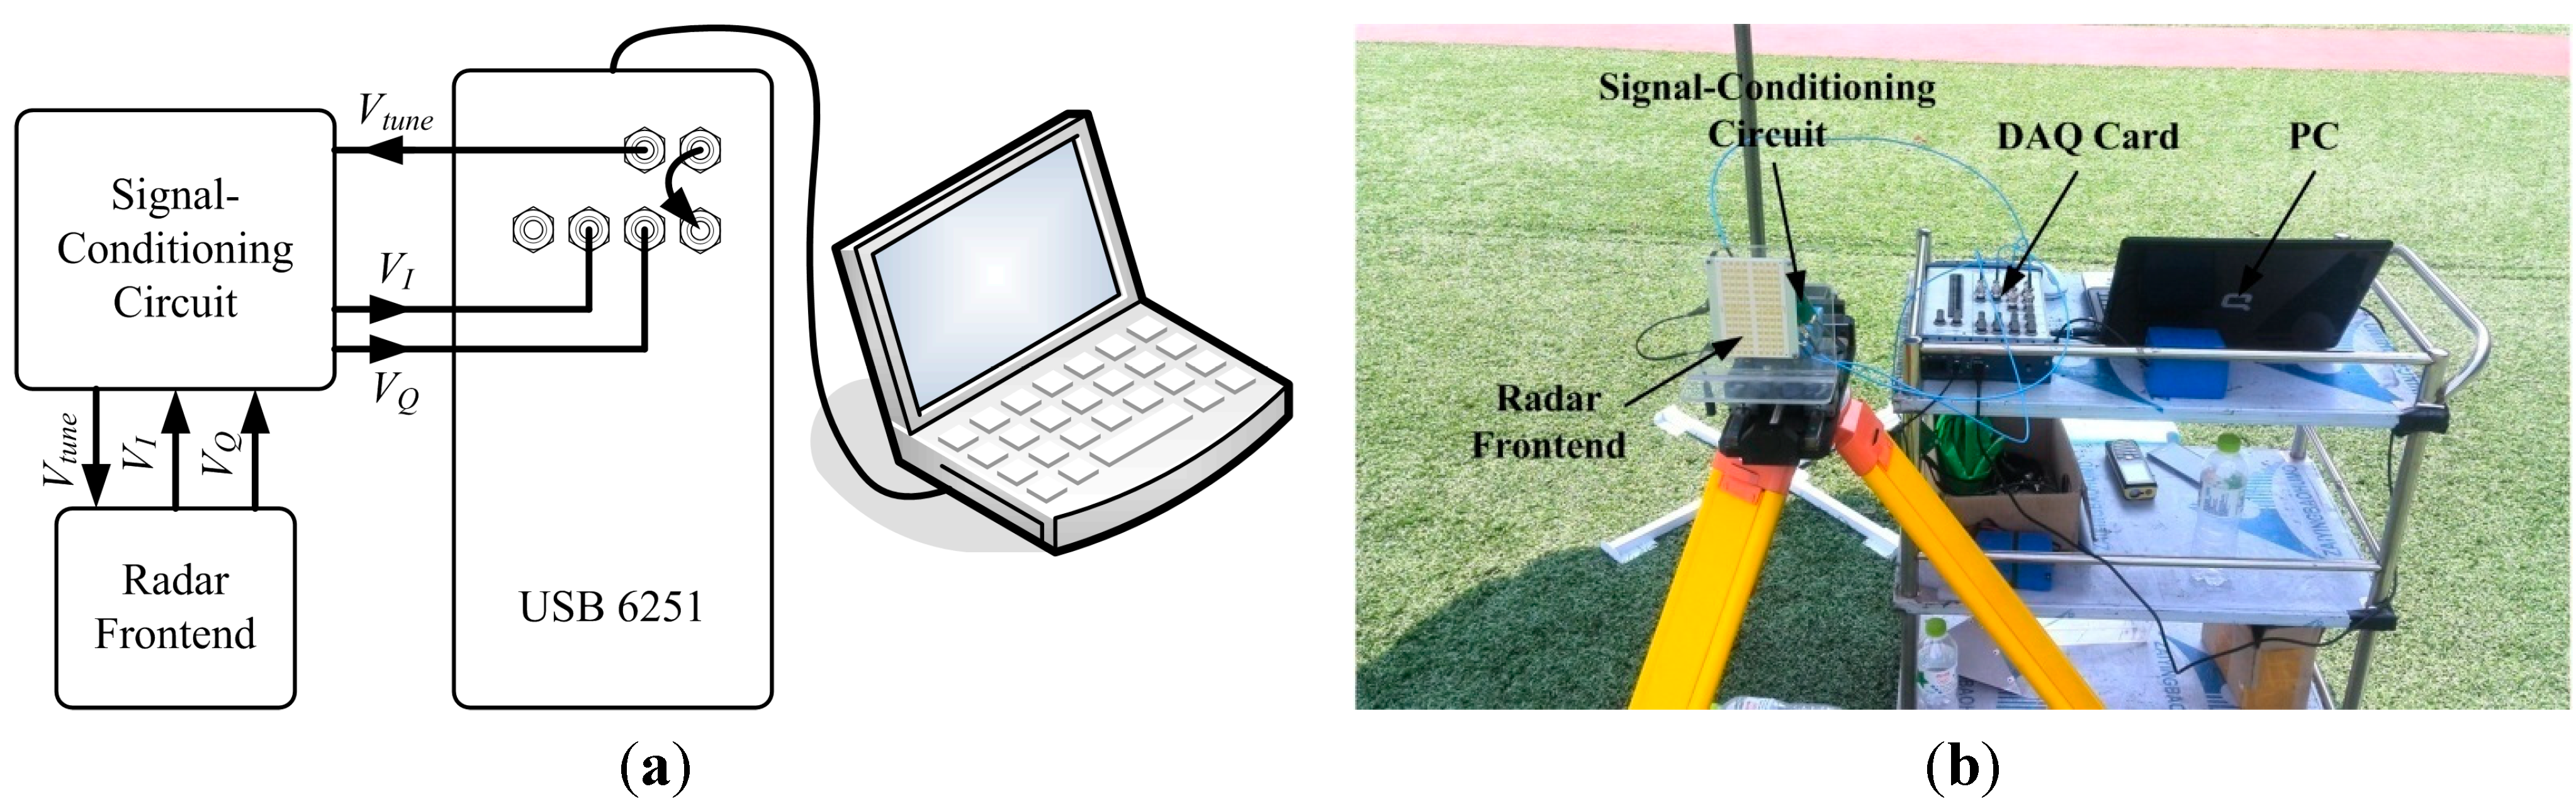 Sensors | Free Full-Text | A Noncontact FMCW Radar Sensor